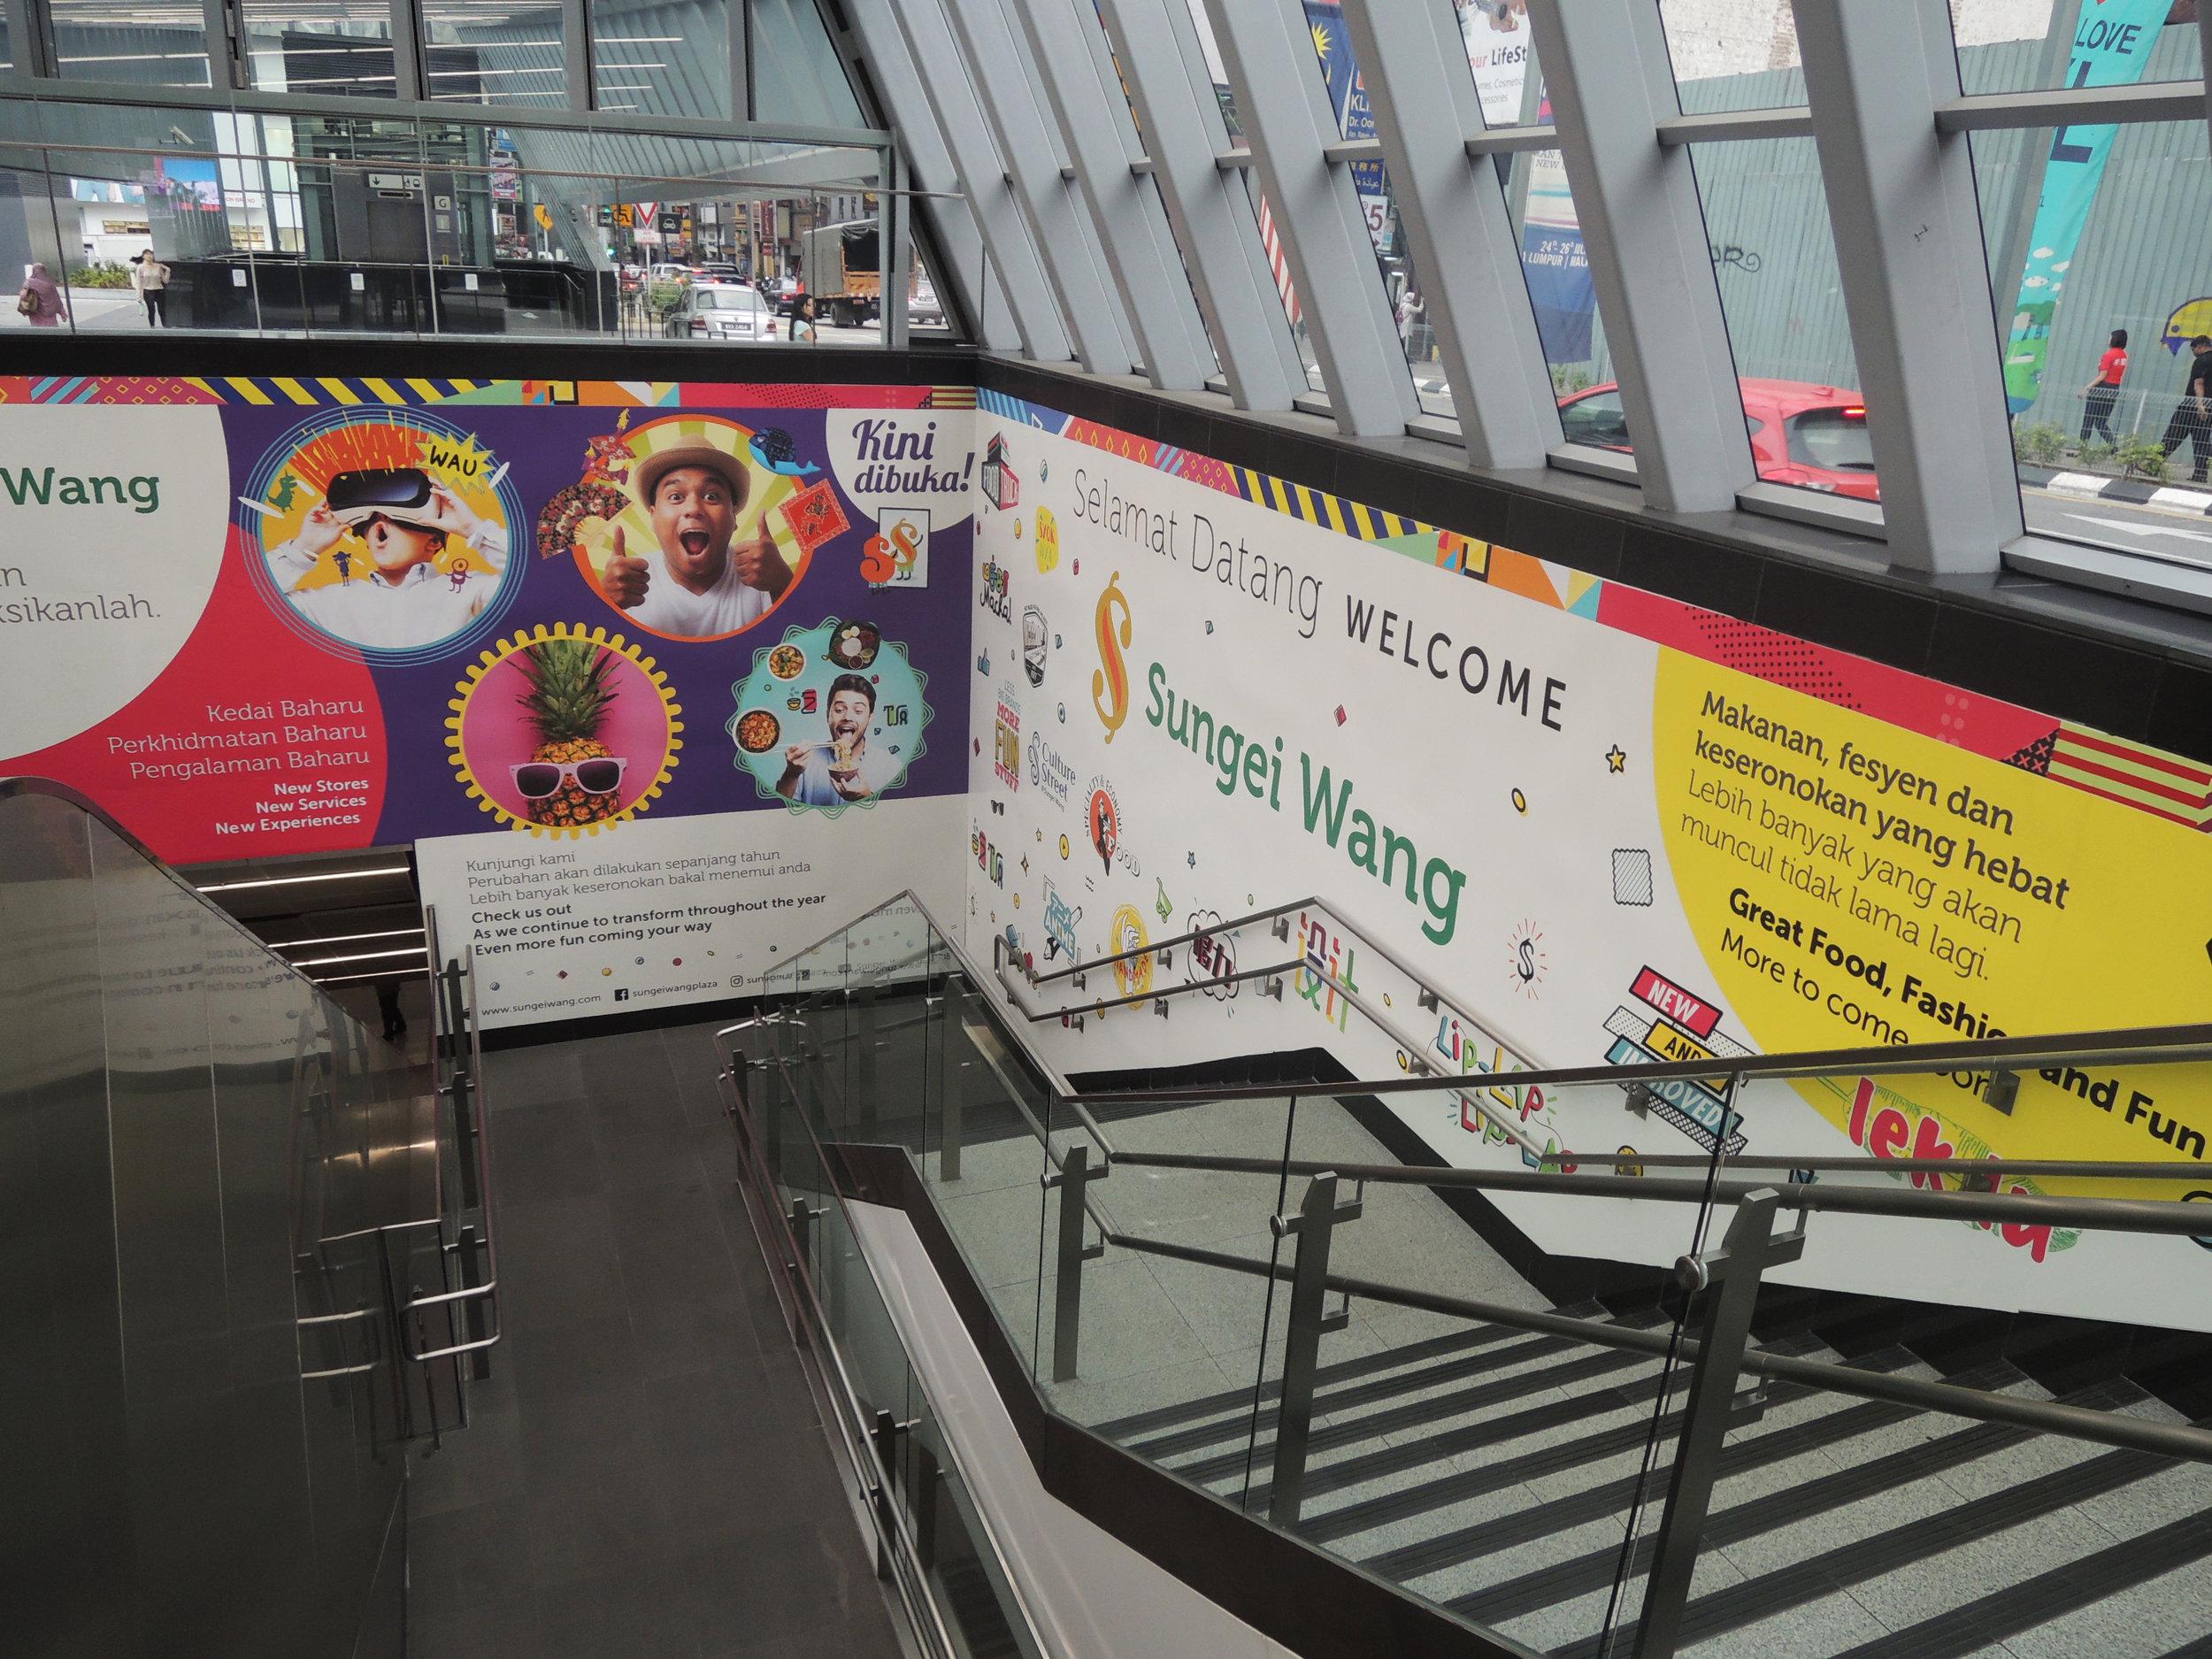 The Bukit Bintang MRT station, adjacent to Sungei Wang